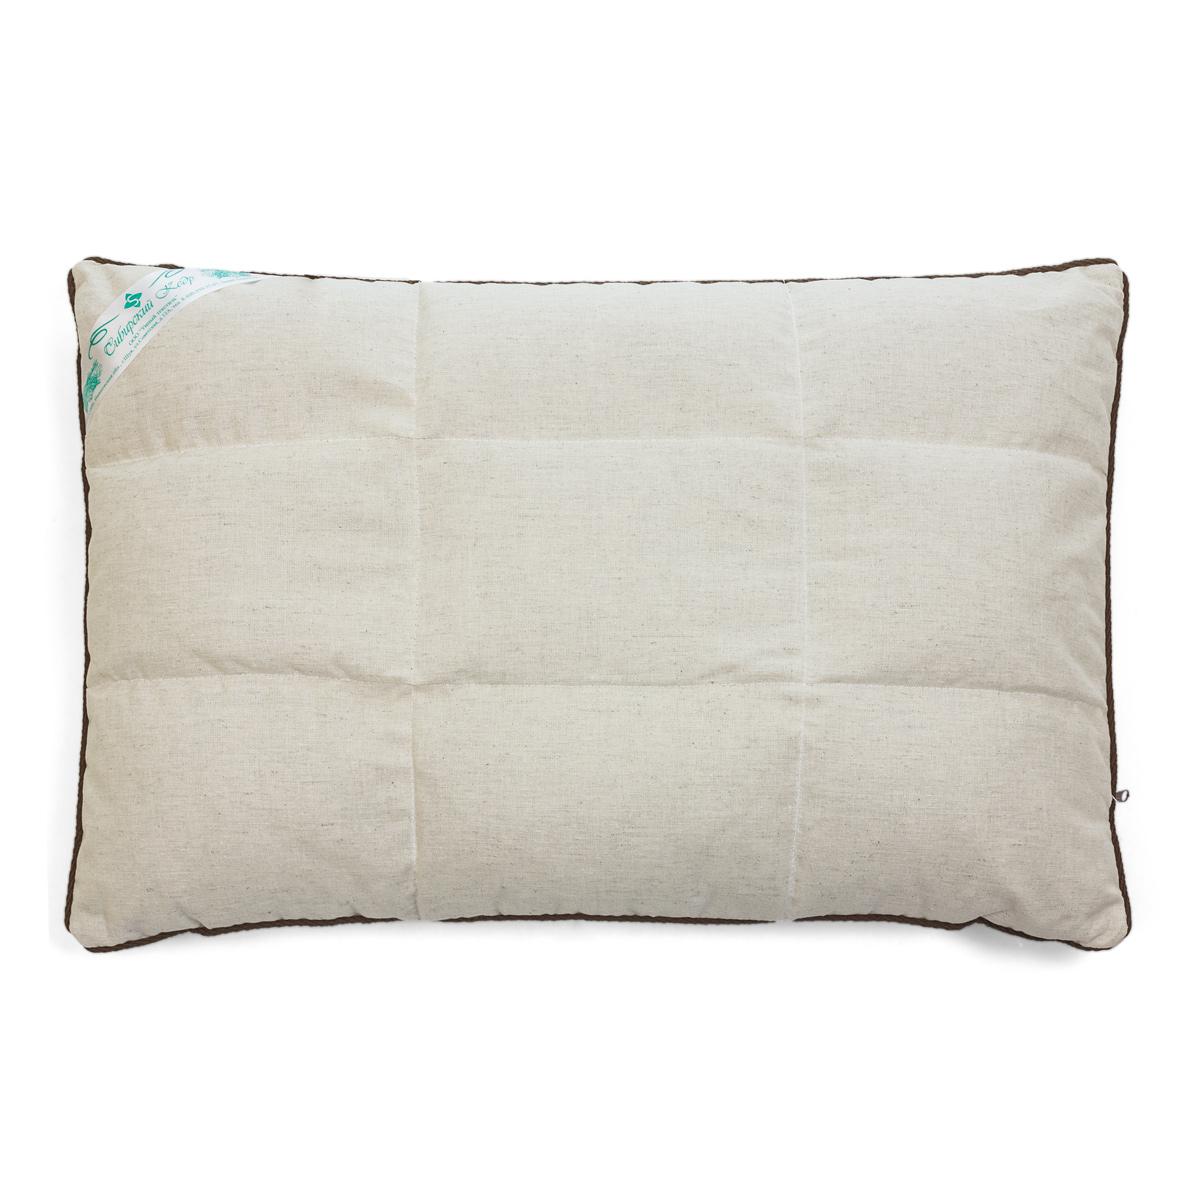 Подушка  Байкальская  р. 40х60 - Текстиль для дома артикул: 26454